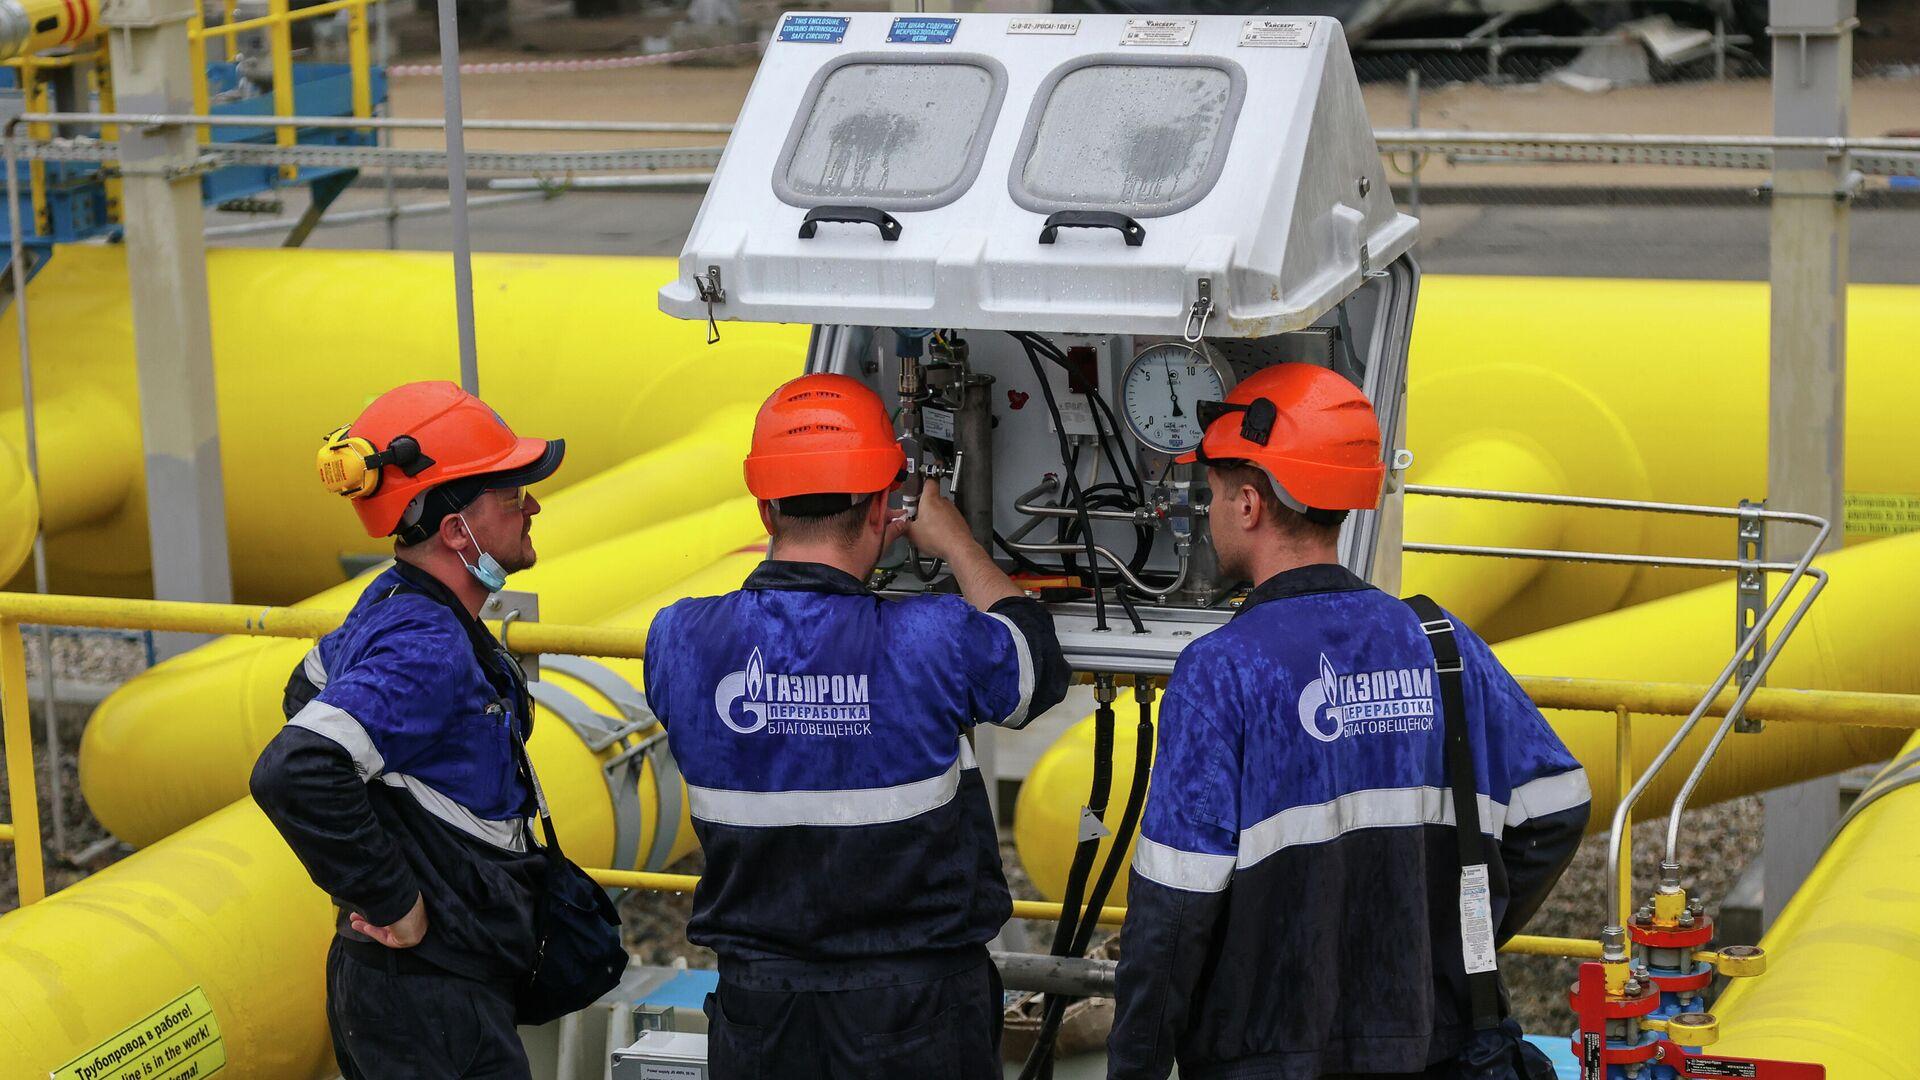 Рабочие у узлов учета газа Амурского газоперерабатывающего завода компании Газпром - РИА Новости, 1920, 10.09.2021